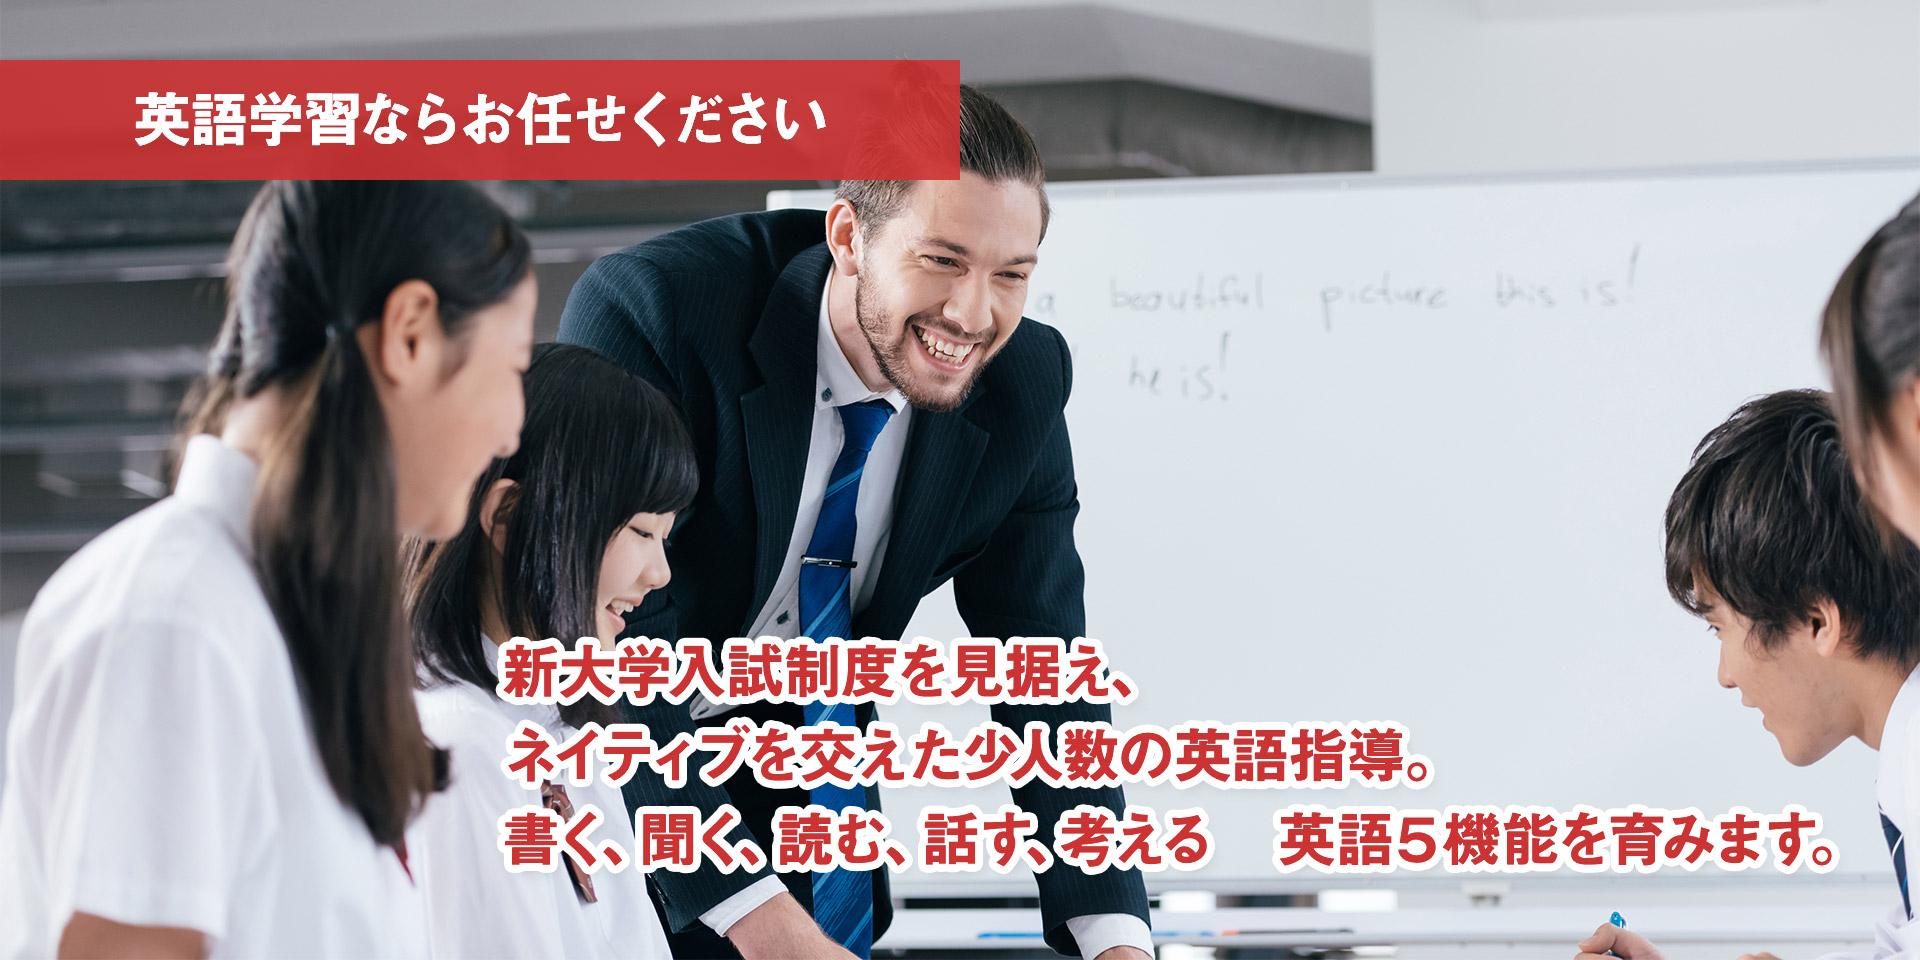 新大学入試制度を見据えた英語指導を実施しています